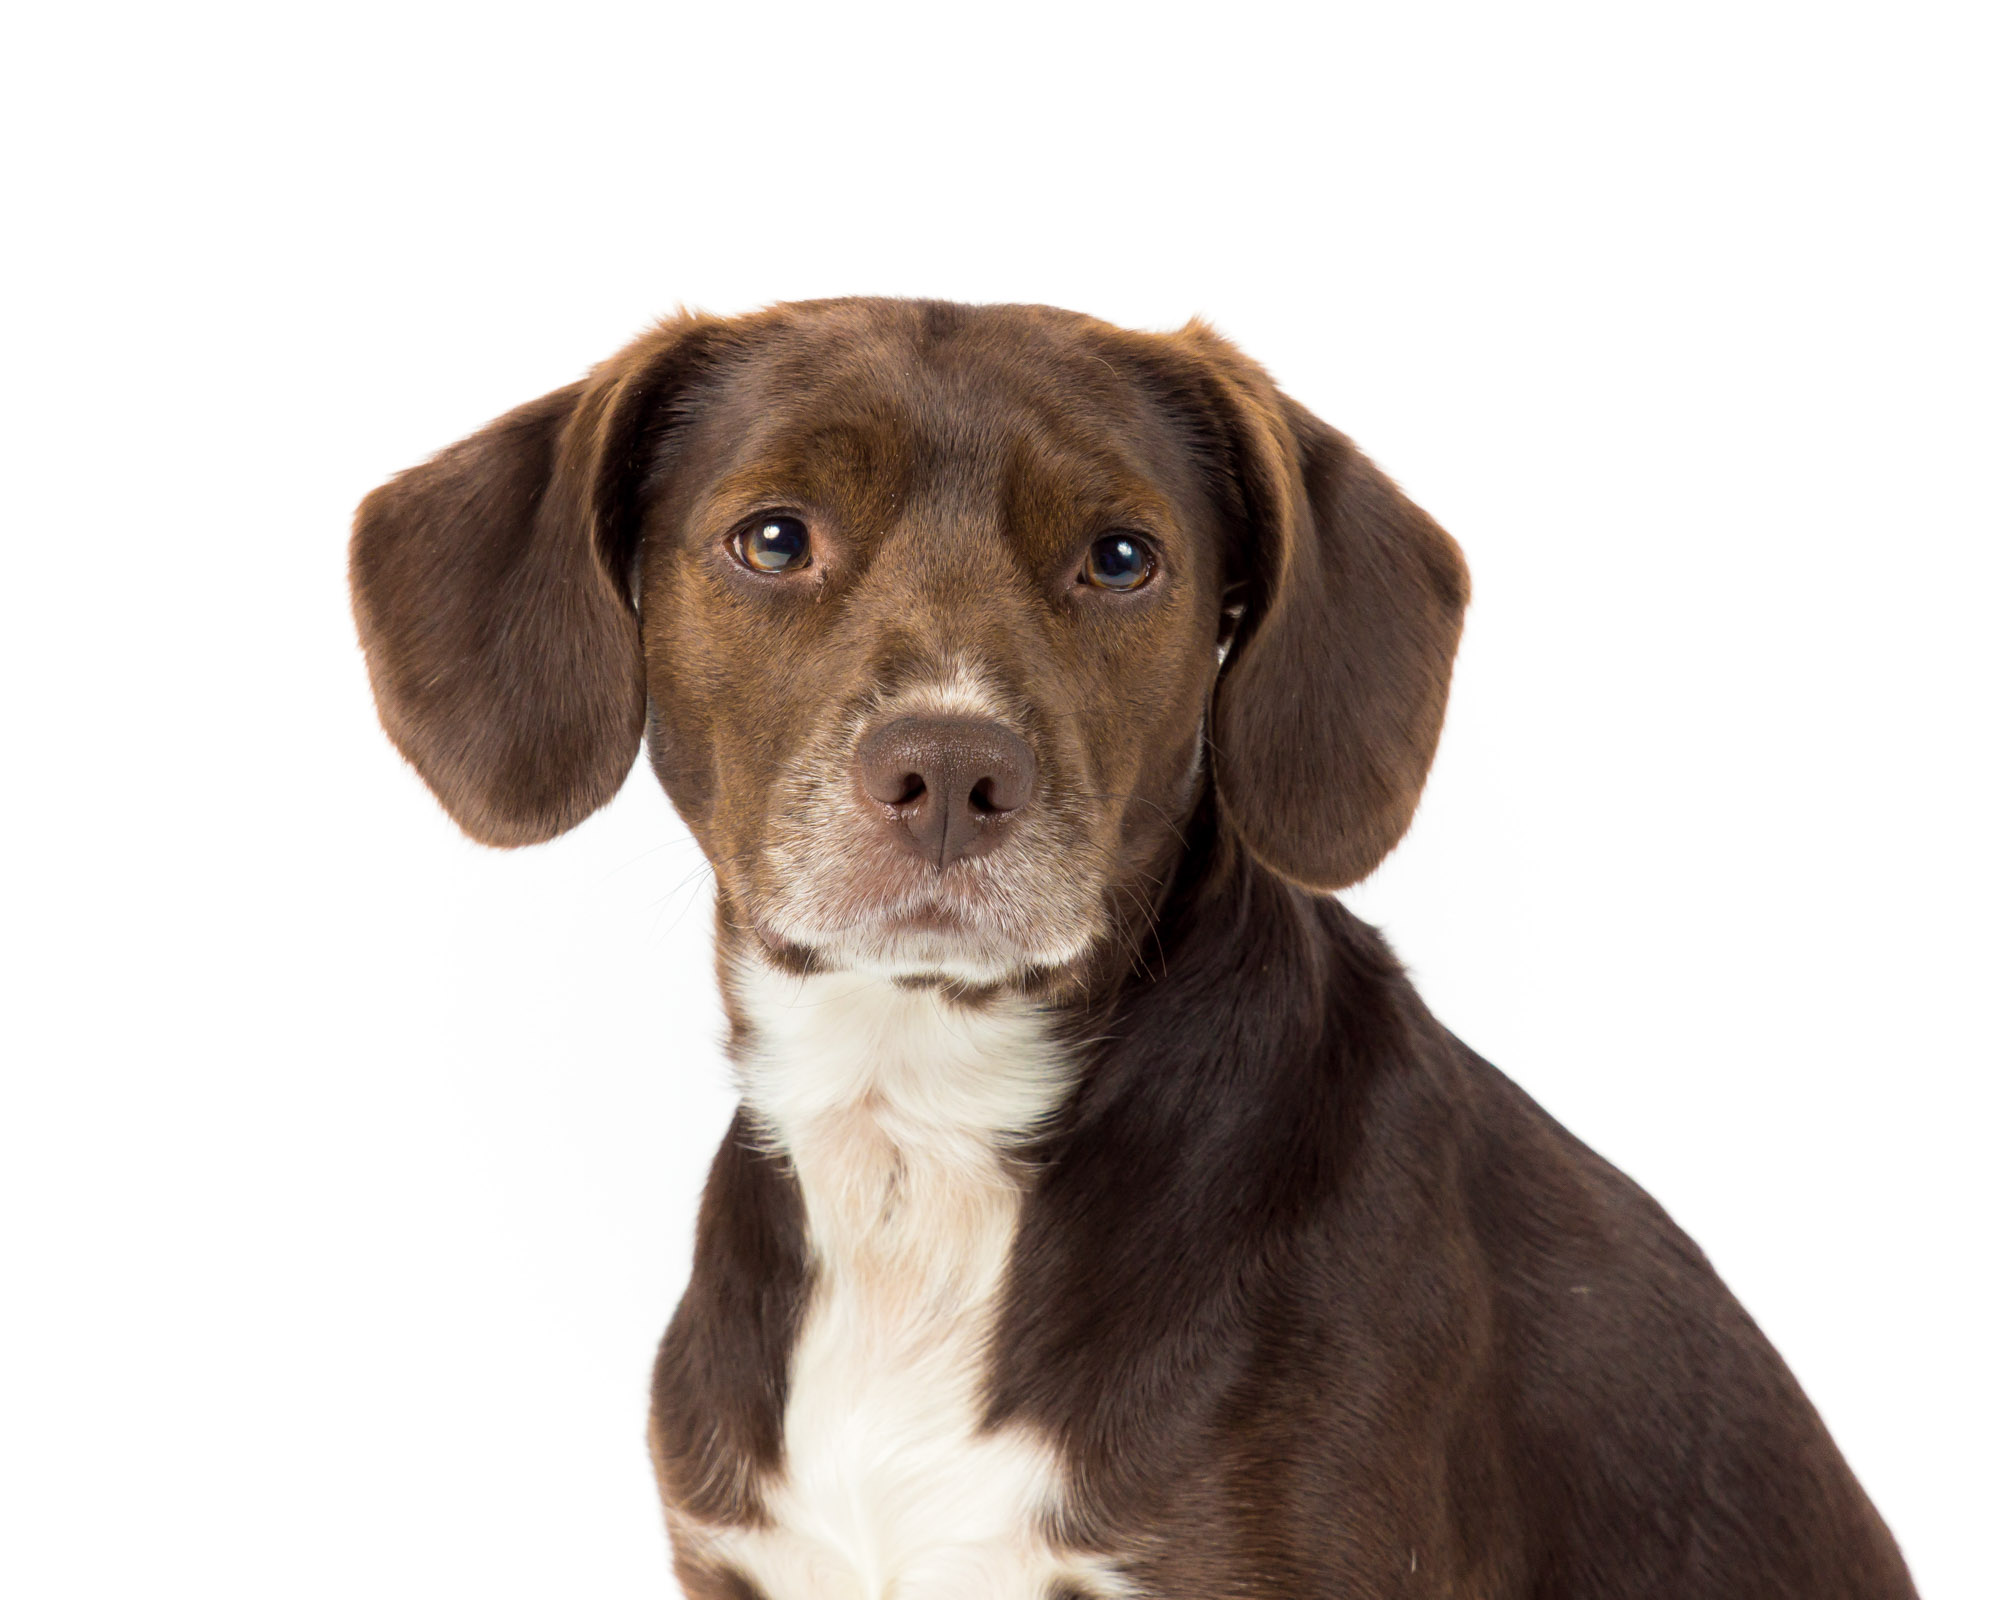 Brown Dog Headshot Photography